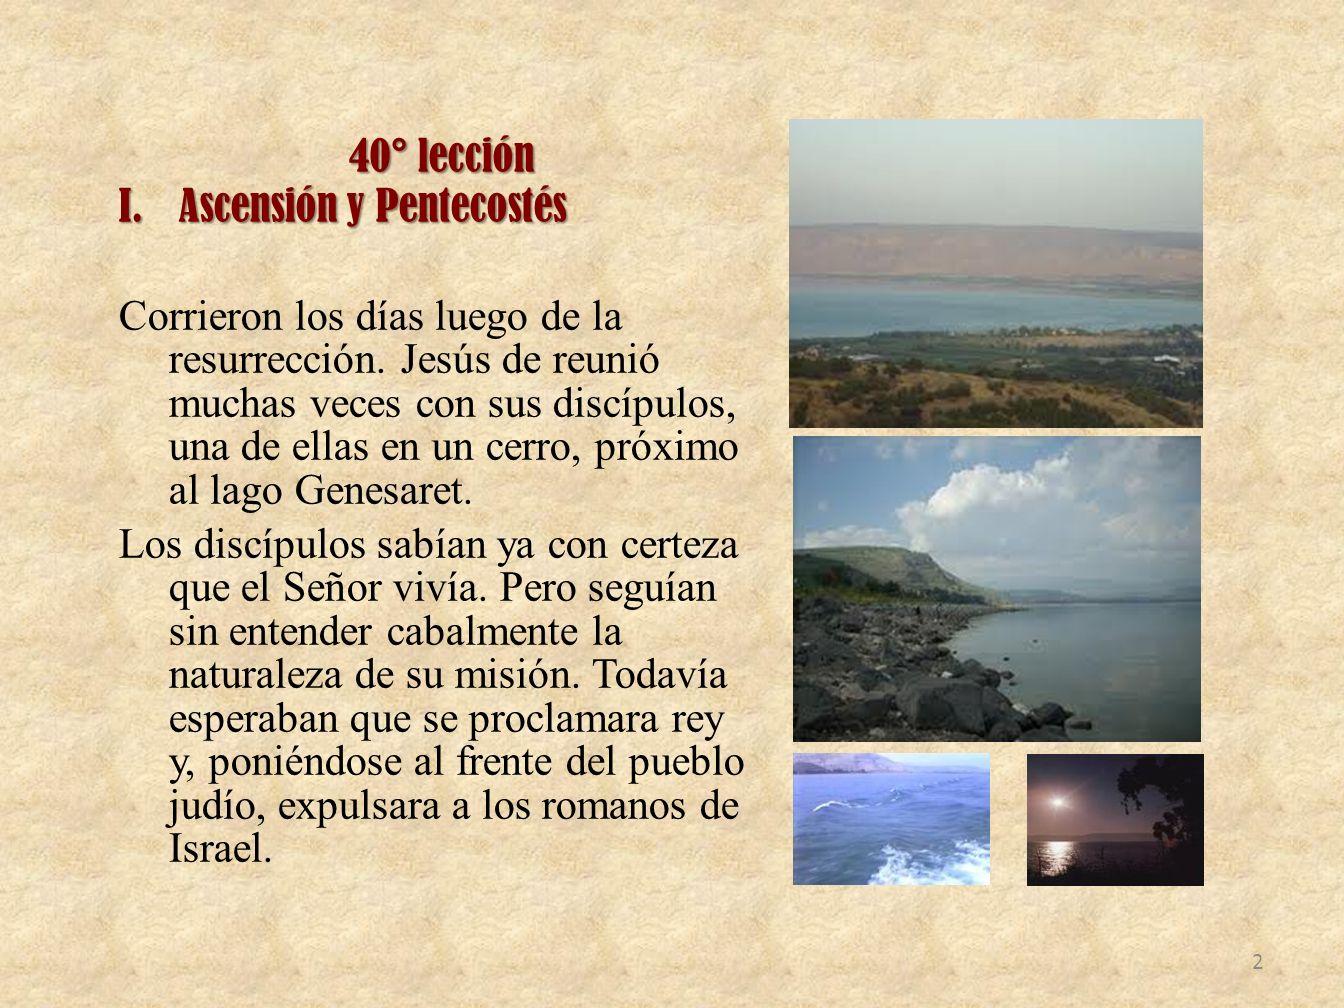 40° lección I.Ascensión y Pentecostés Corrieron los días luego de la resurrección. Jesús de reunió muchas veces con sus discípulos, una de ellas en un